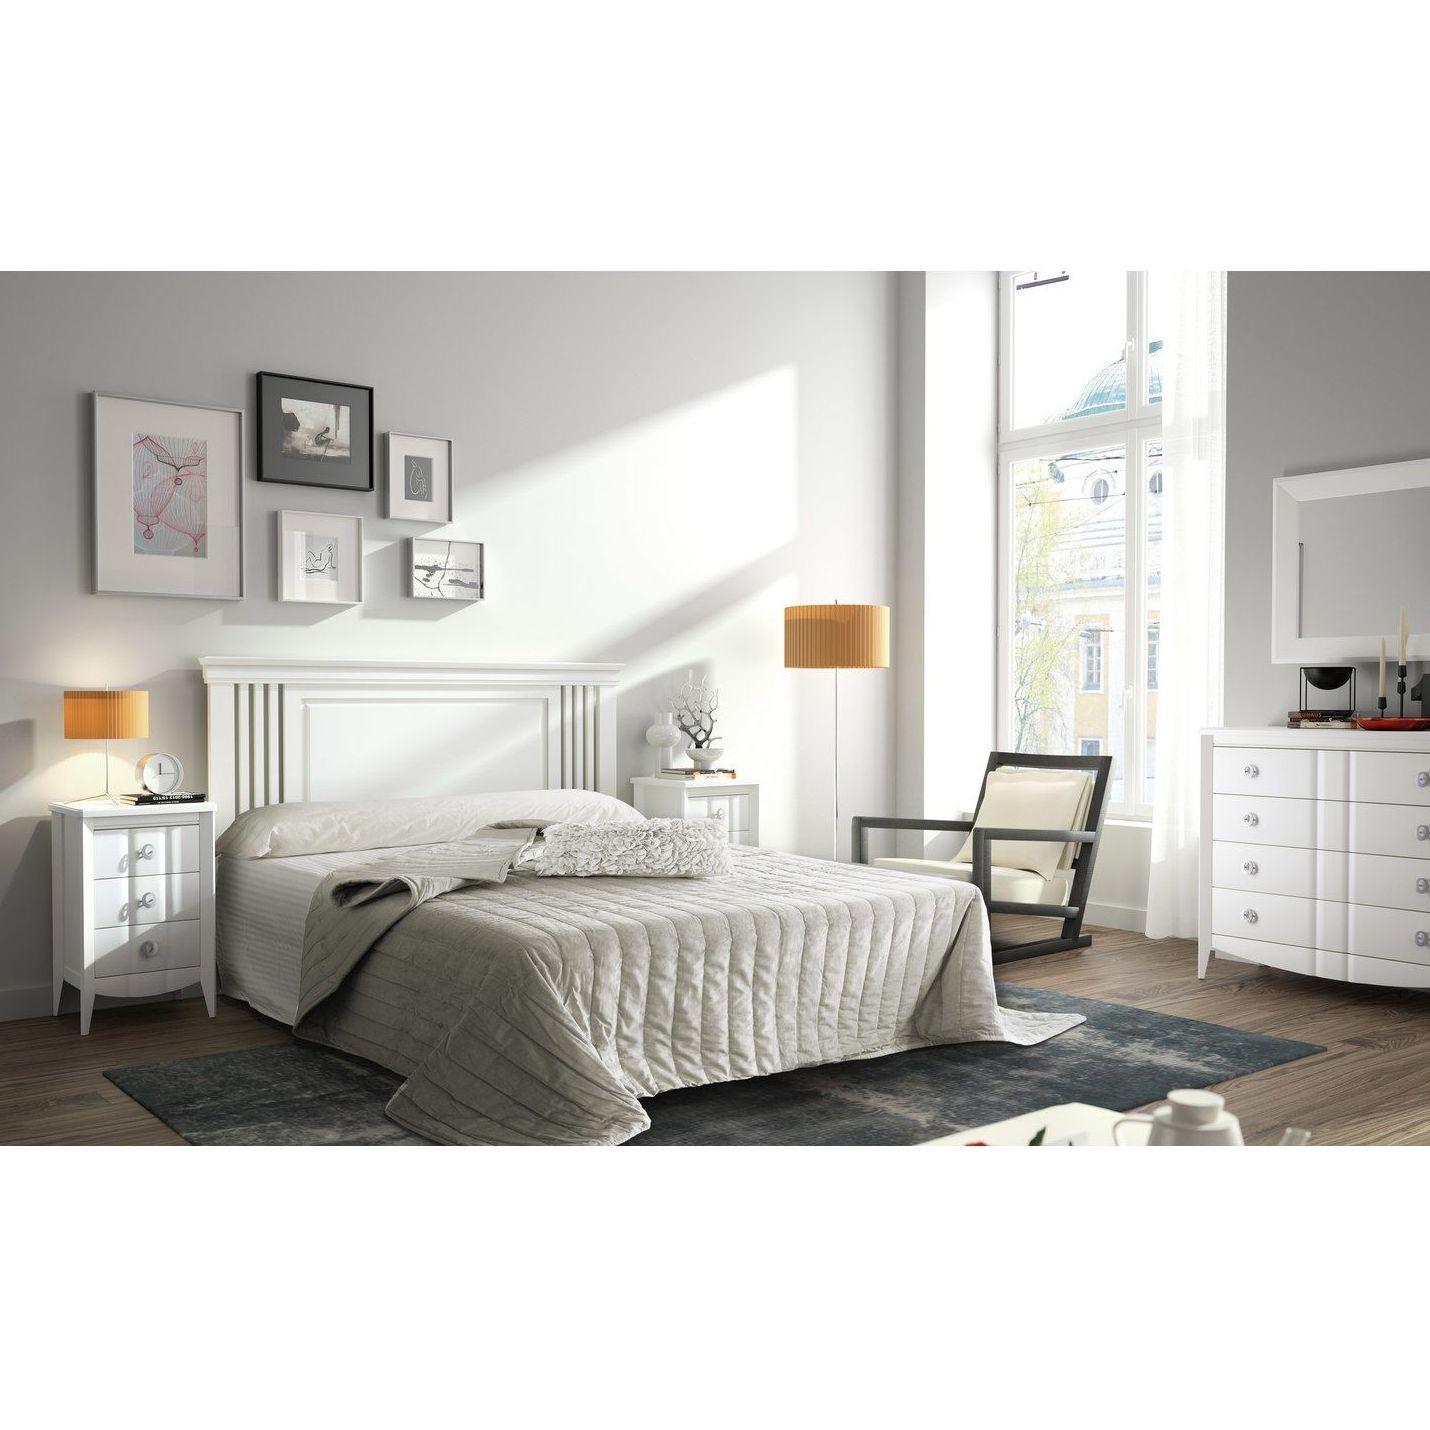 Dormitorios matrimonio muebles de actual de mymm for Actual muebles